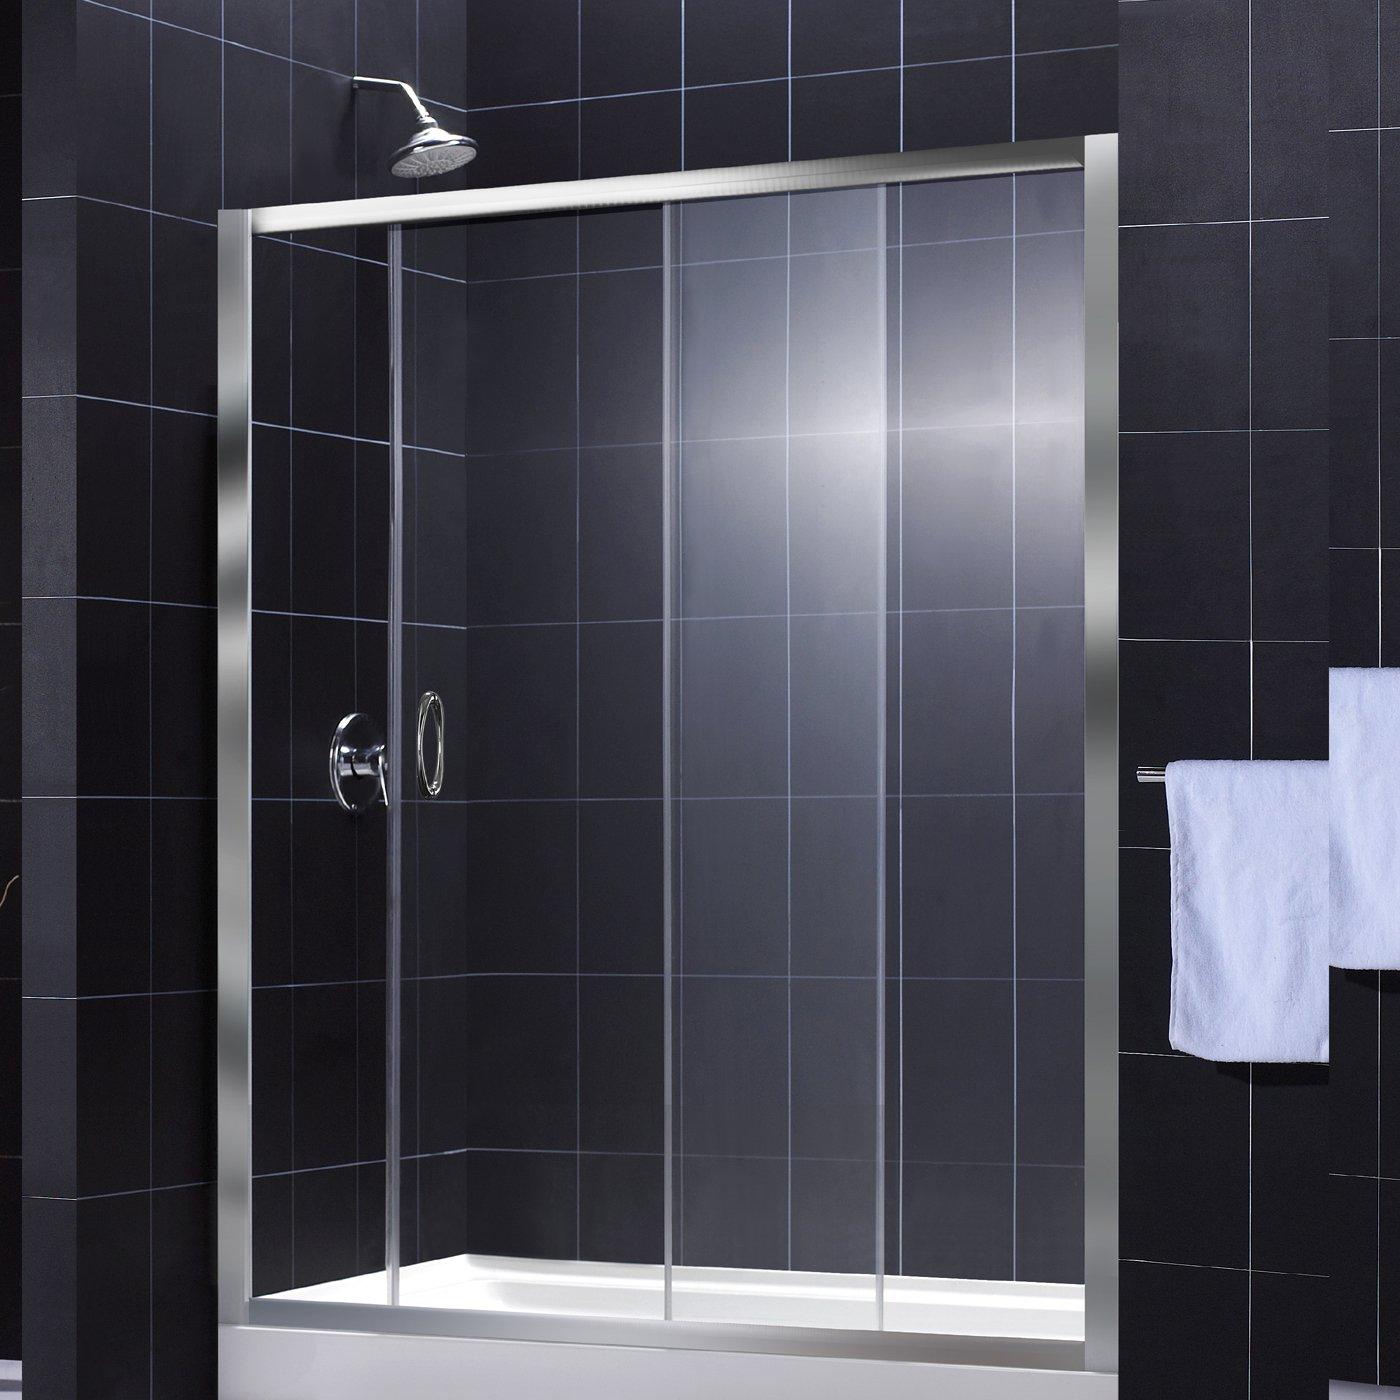 Раздвижная стеклянная шторка в черно-белой ванной